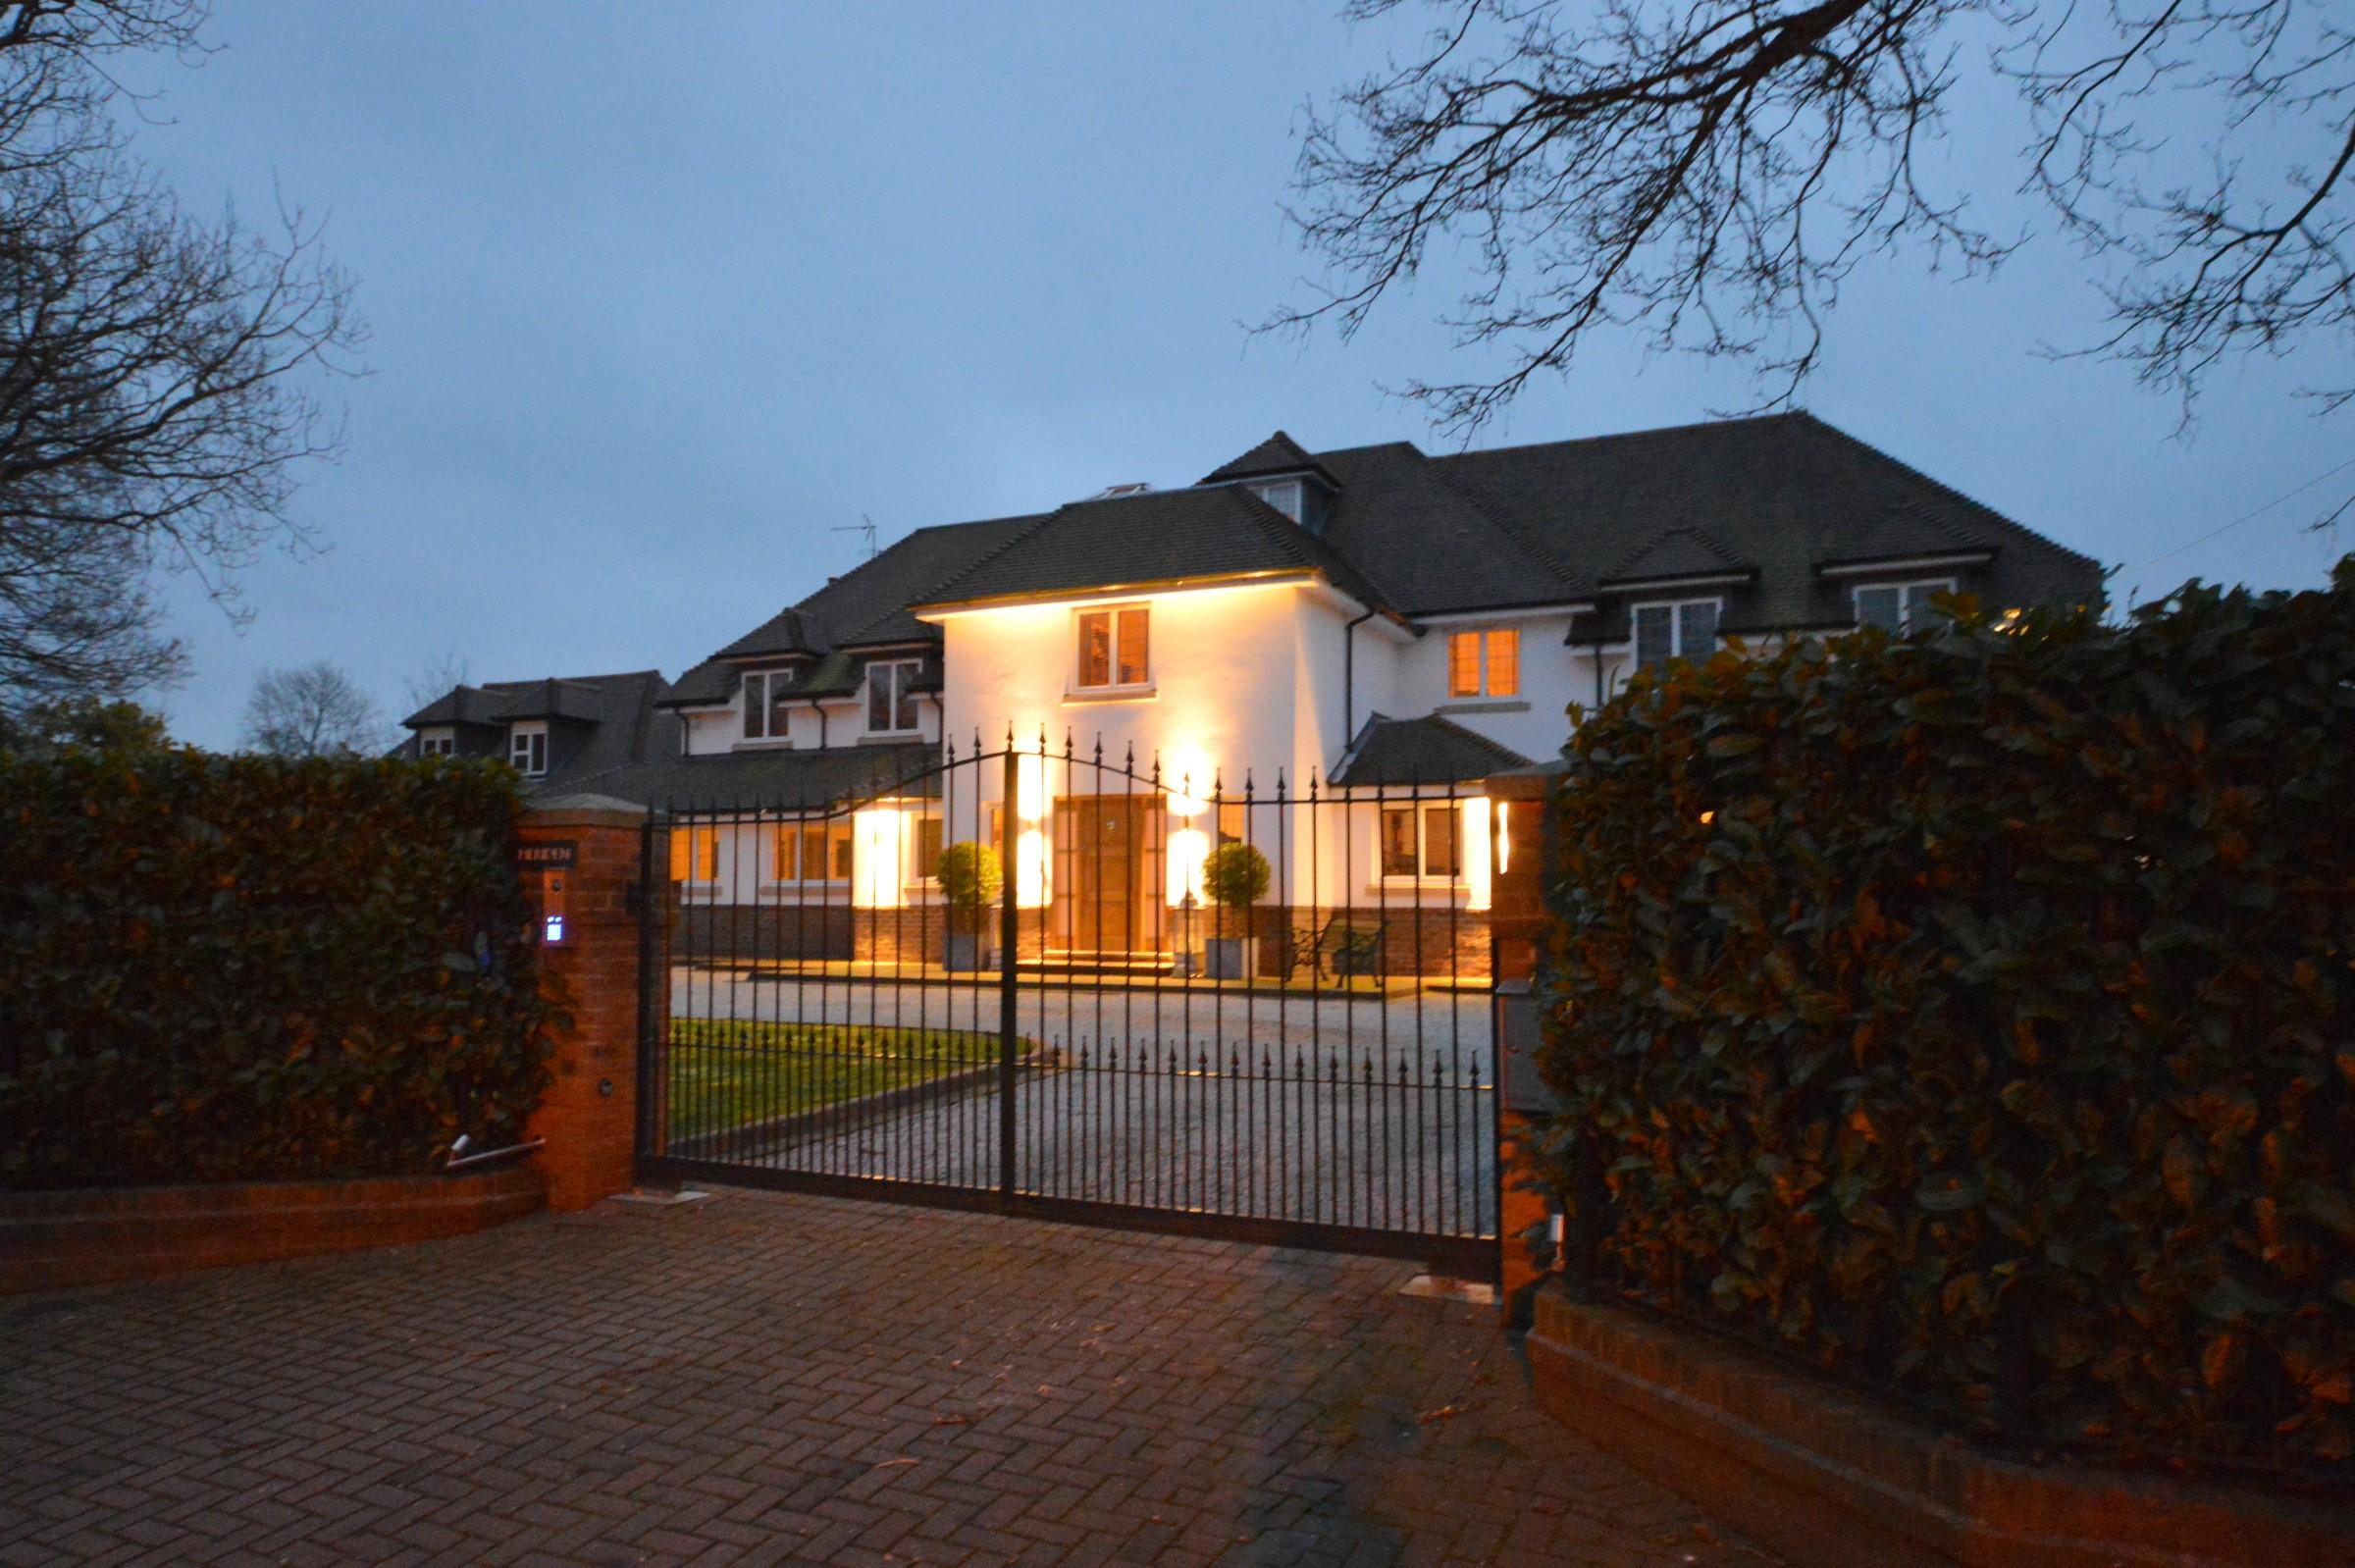 Частный односемейный дом для того Продажа на Surrey Country Residence The Glade Kingswood, Англия, KT206LL Великобритания